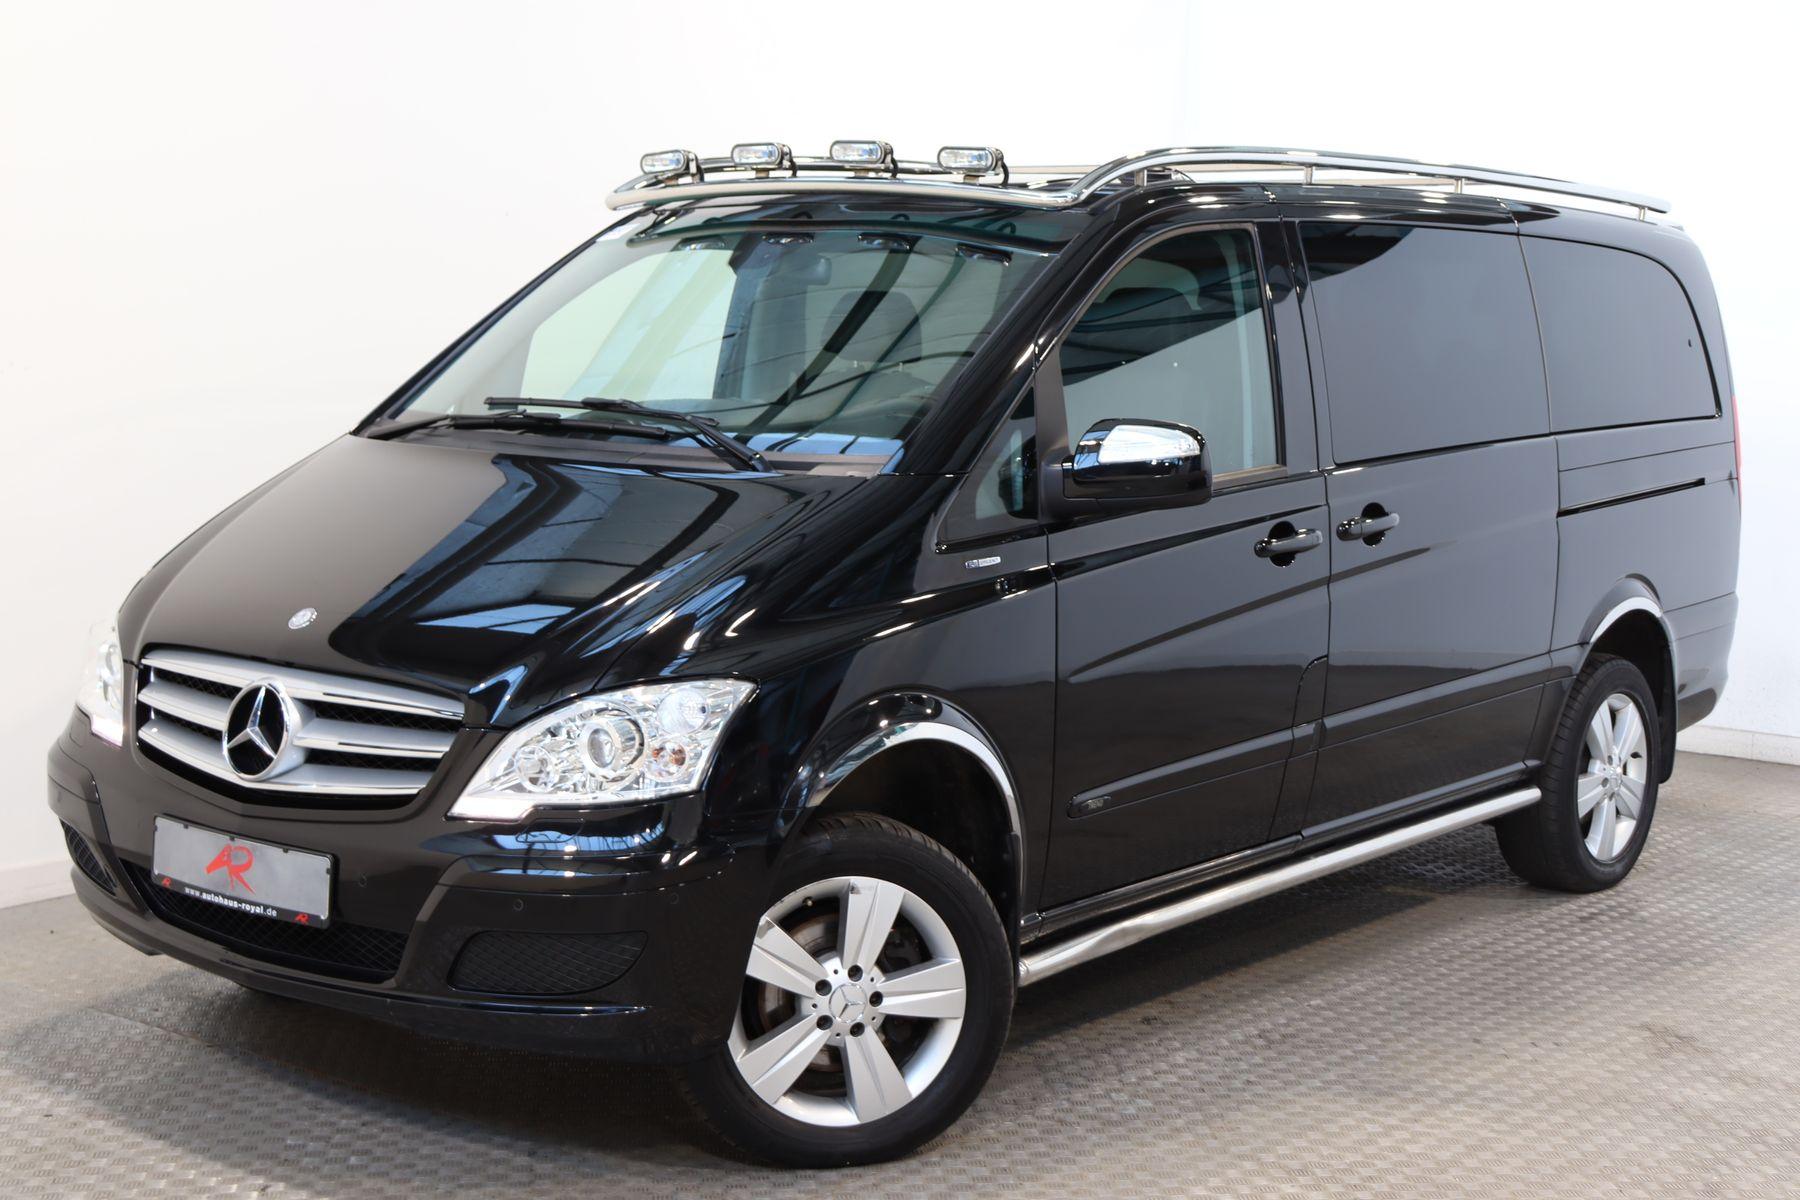 Mercedes-Benz Viano 2.2 CDI 4M LANG 8 SITZE STANDHEIZ.,COMAND, Jahr 2013, Diesel